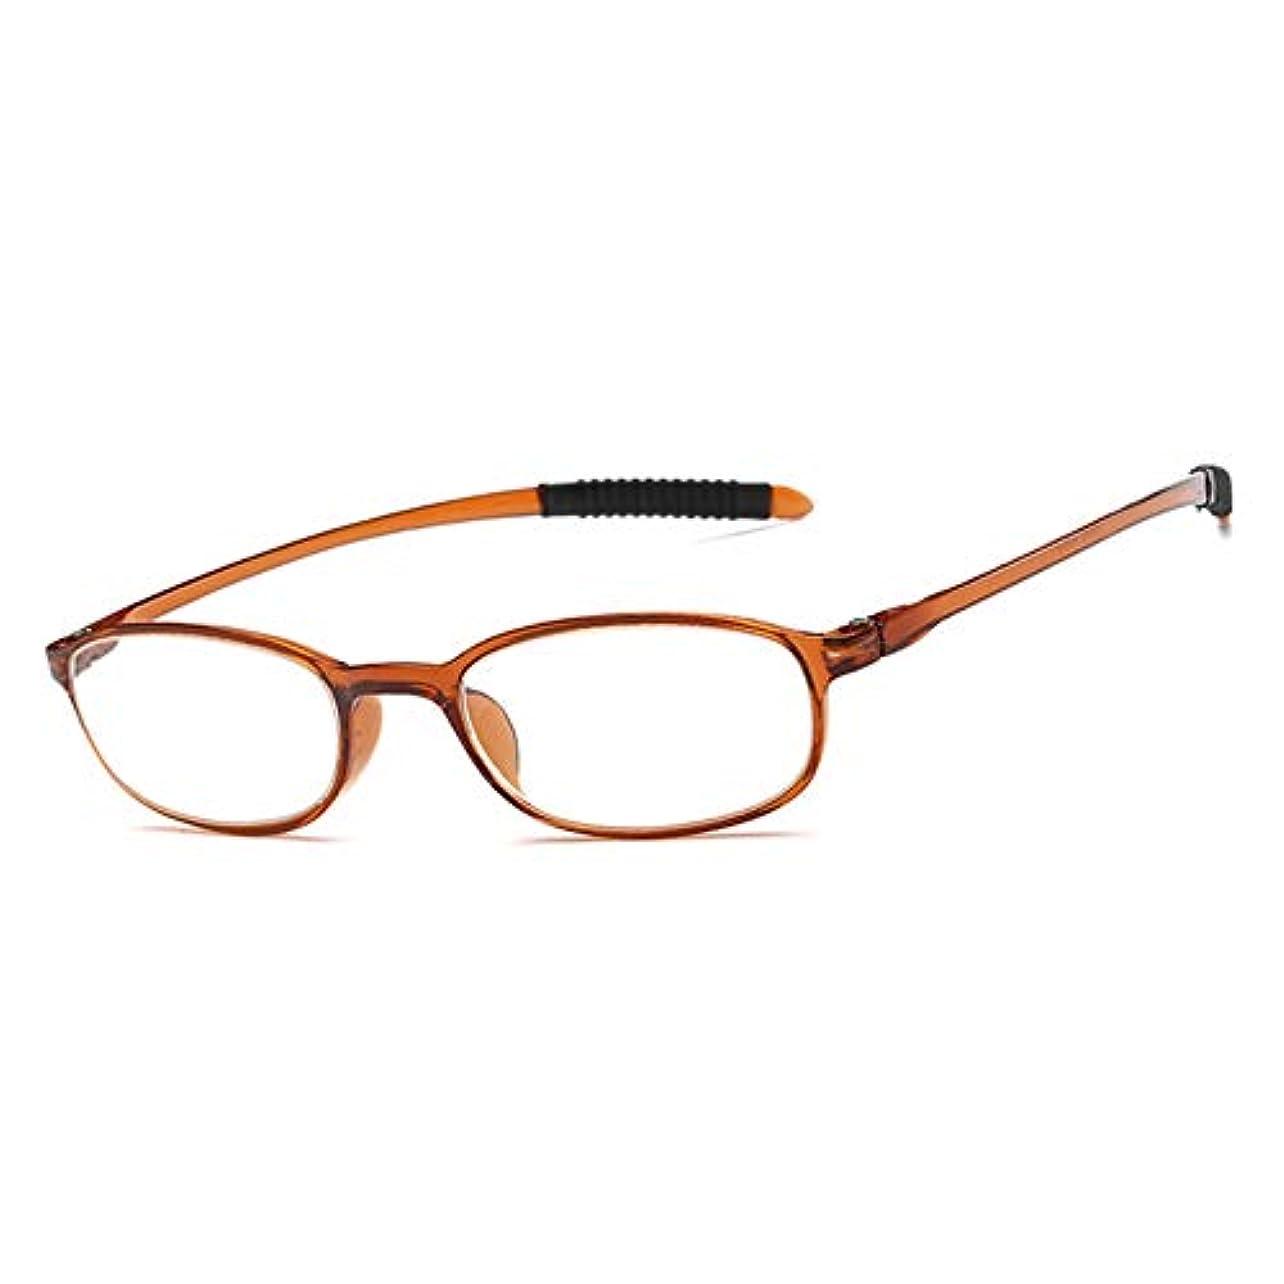 TR90老眼鏡、男性用および女性用、シンプルで快適なエレガントな抗疲労老眼鏡、超軽量樹脂レンズ、仕事をするときに身に着けていることテレビを見ている